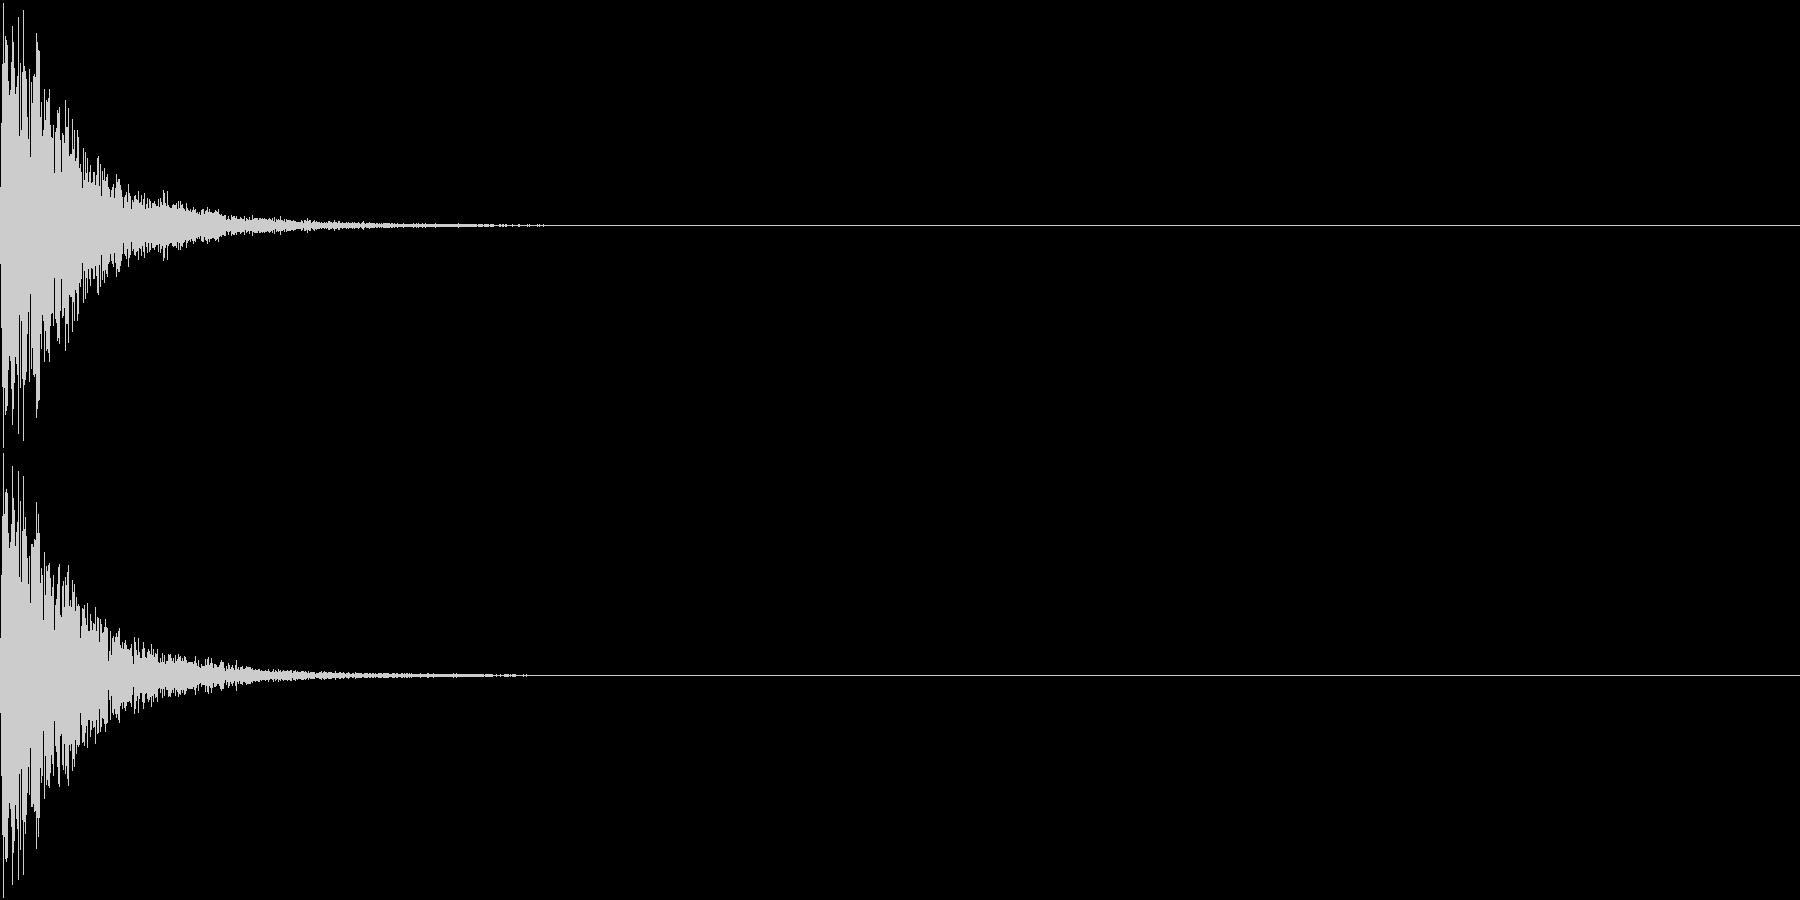 KAKUGE 格闘ゲーム戦闘音 35の未再生の波形